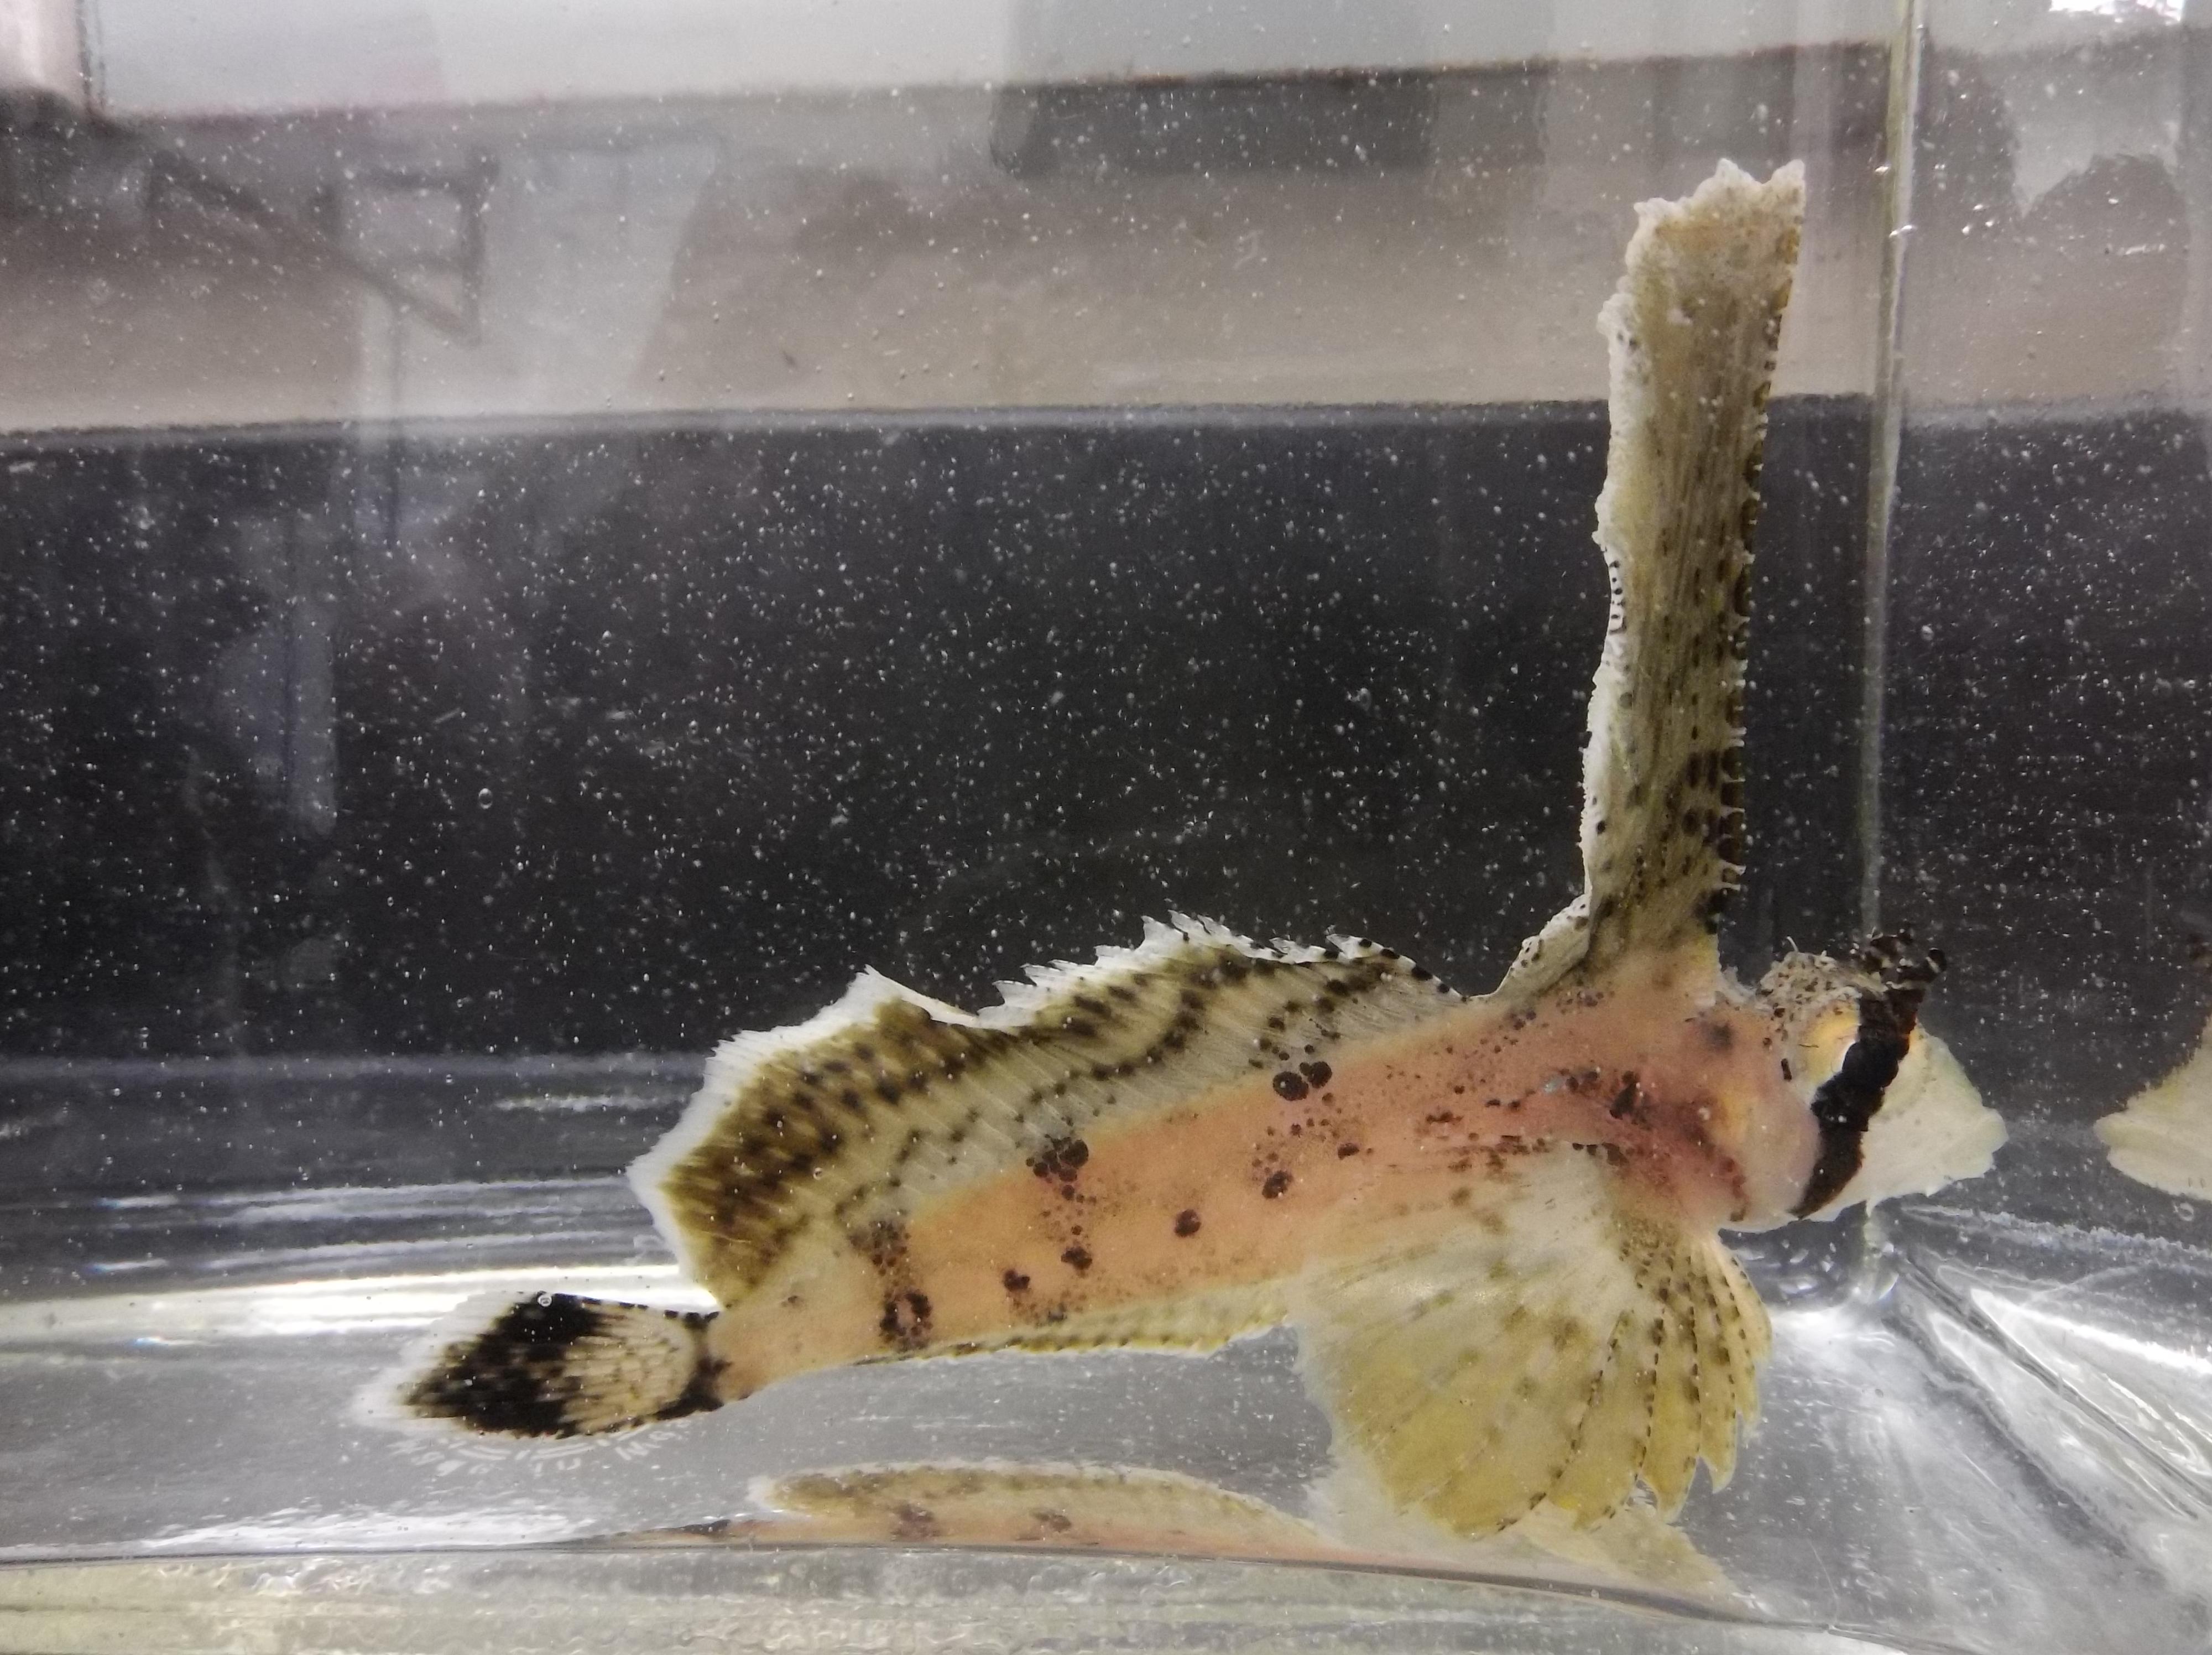 Photo of a sailfin sculpin at the Kodiak lab aquarium.